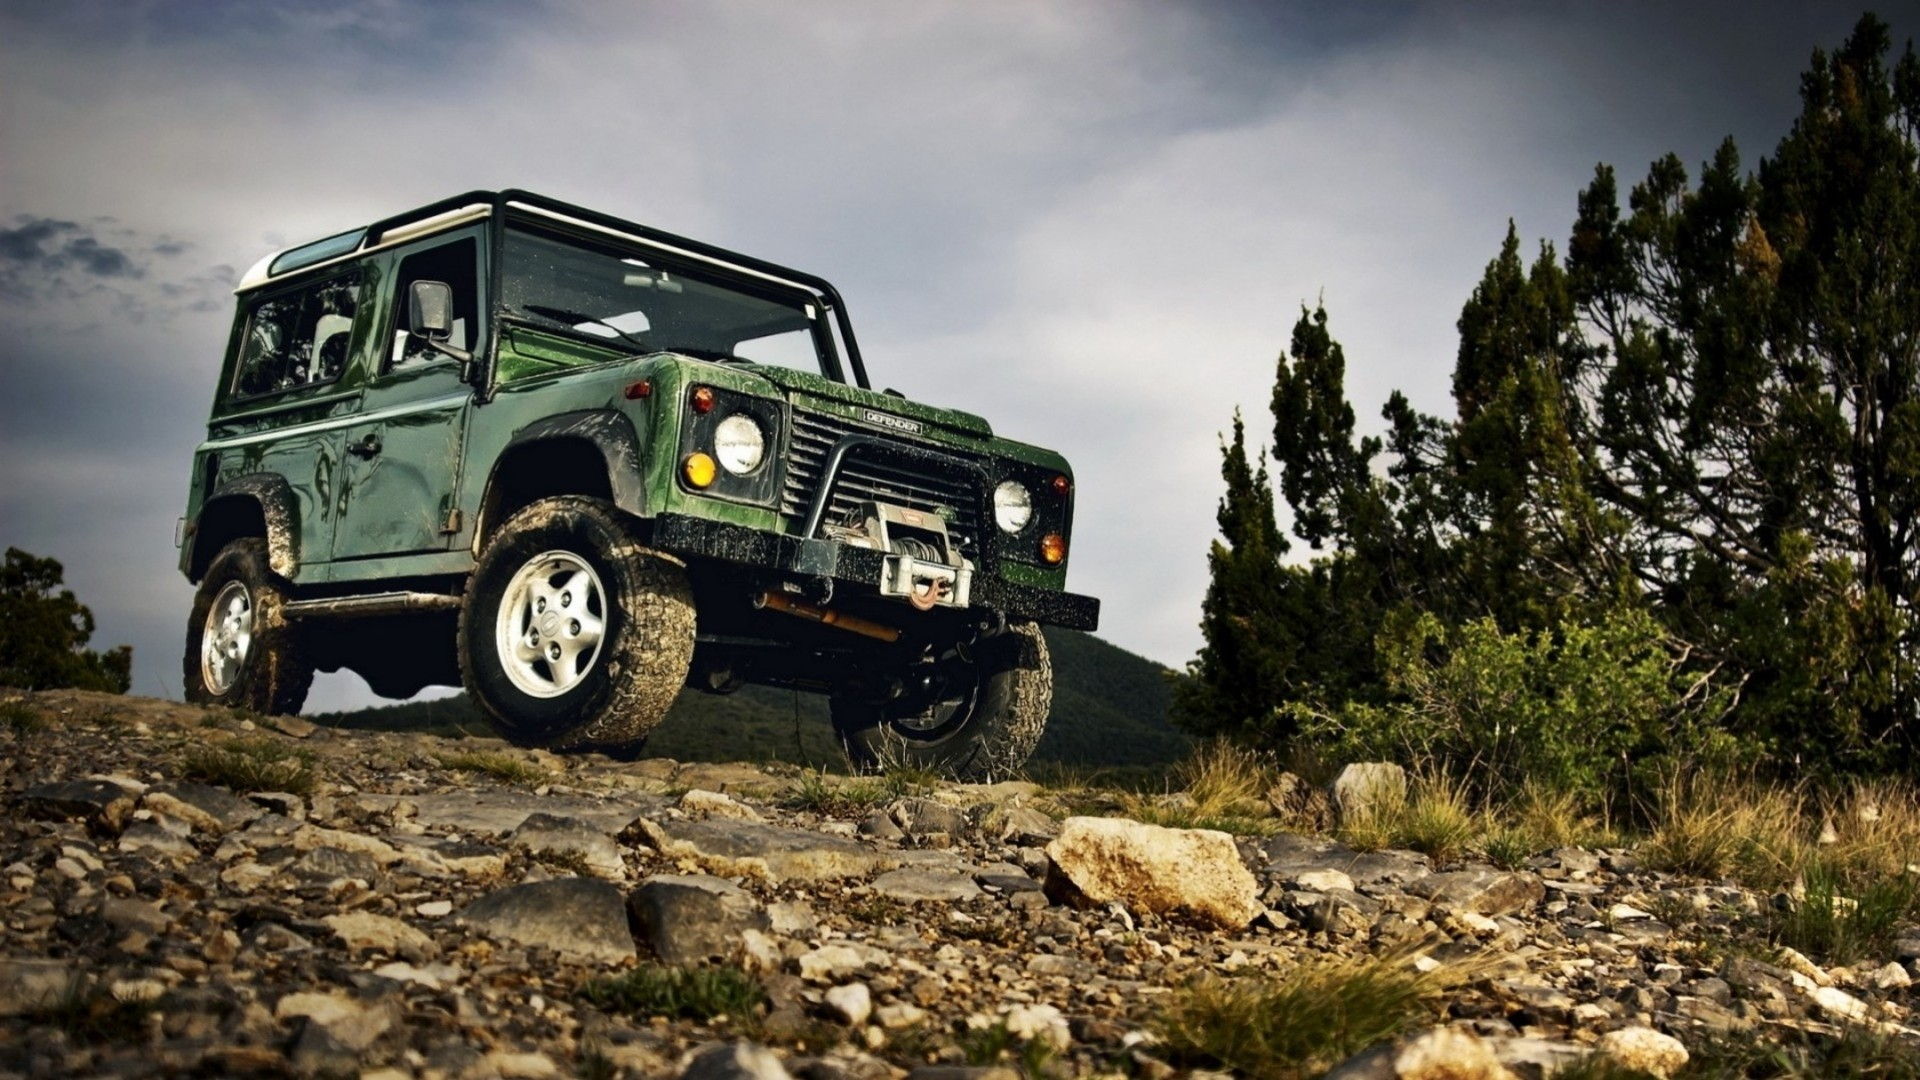 Land rover в грязи анонимно